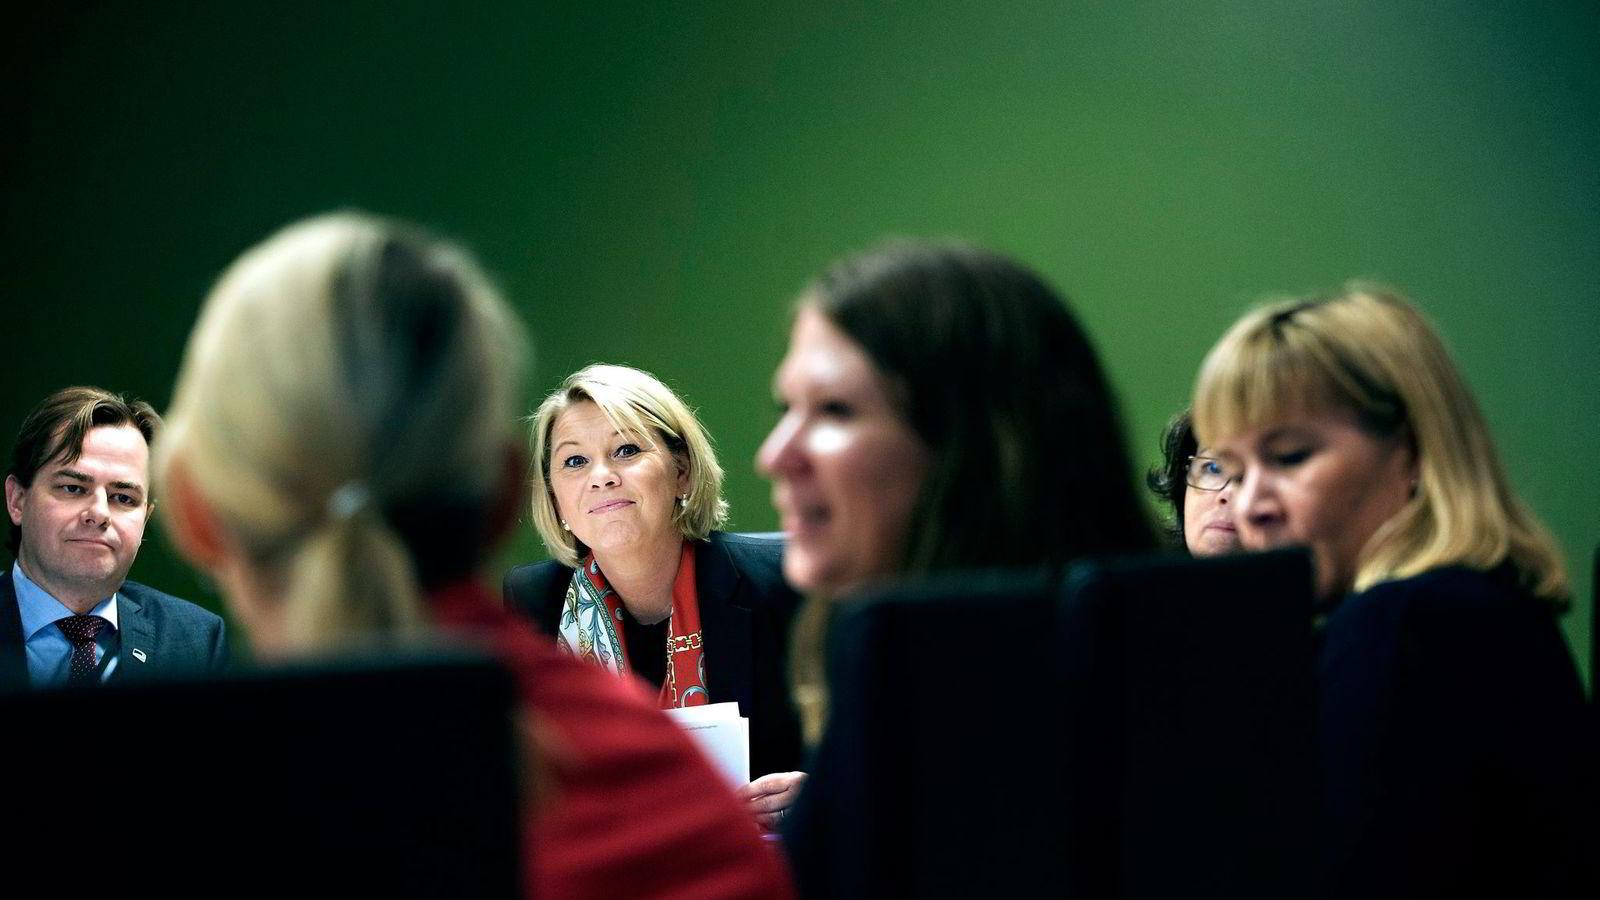 Næringsminister Monica Mæland (i midten) inviterte kvinnelige næringslivsledere til Nærings- og fiskeridepartementet for å få tips om likestilling. Ved Mælands side sitter statsrådkollega Solveig Horne. Foto: Fredrik Solstad